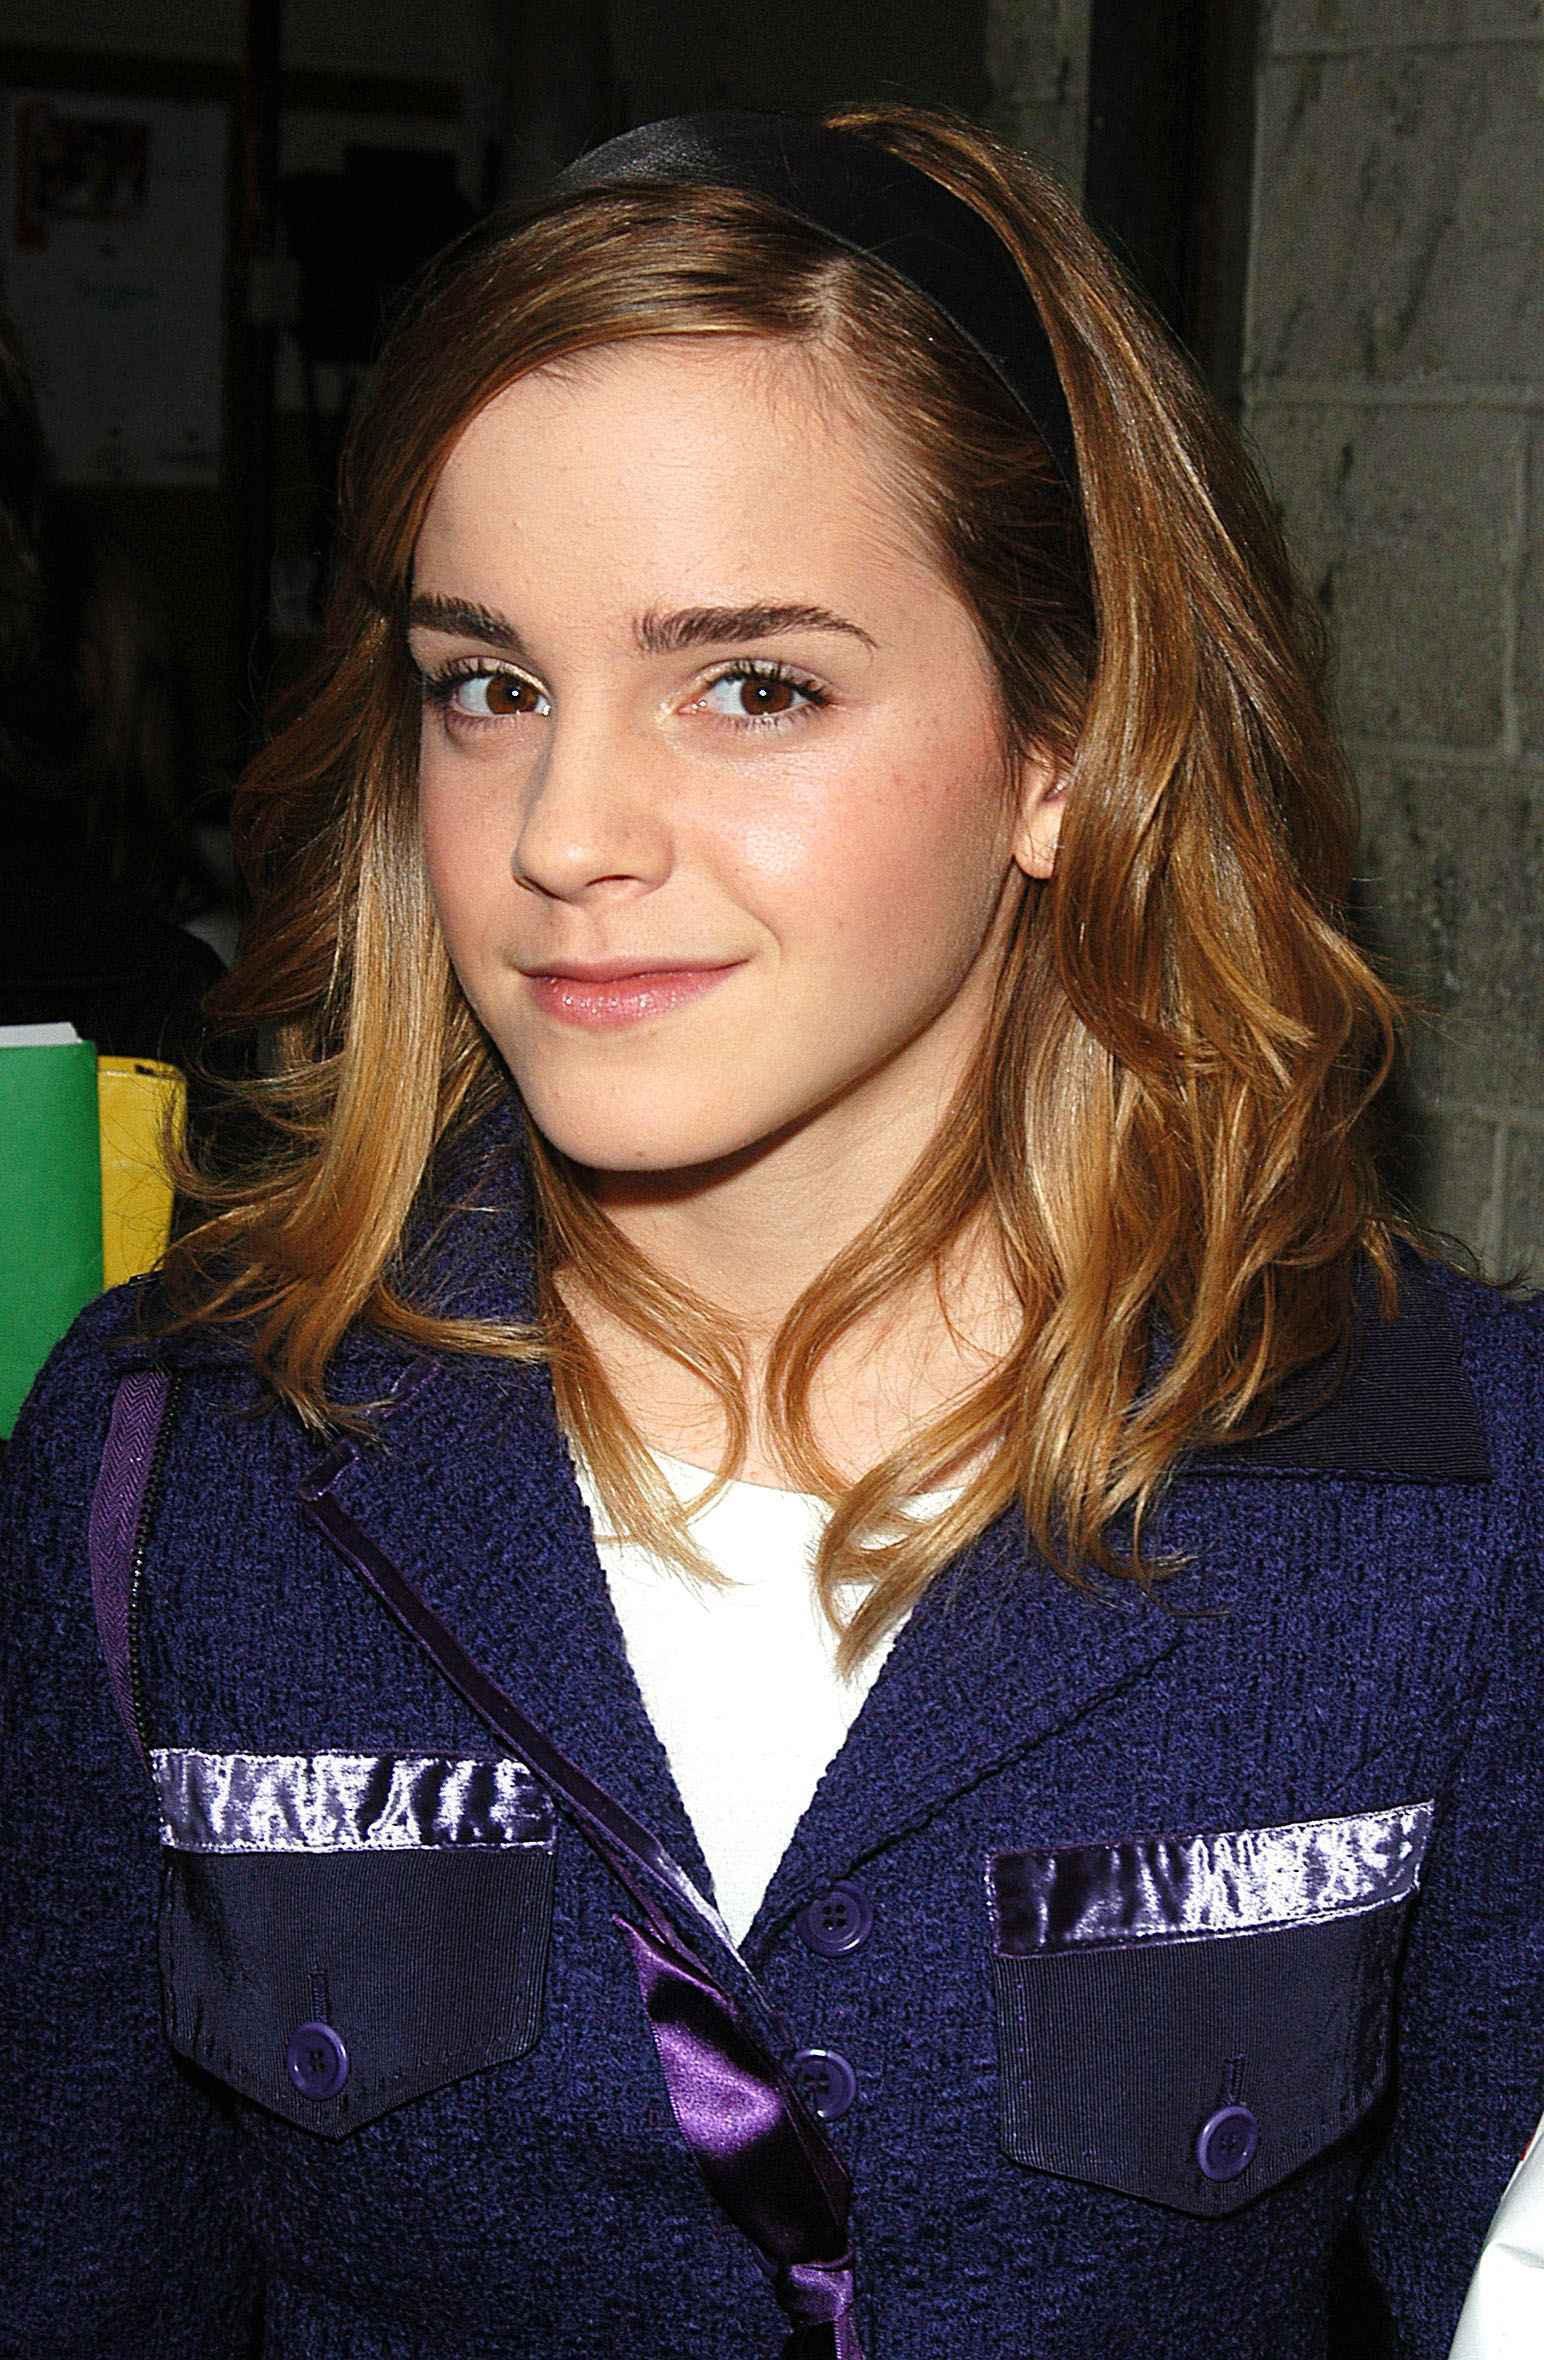 Hành trình tuột dốc nhan sắc của Emma Watson sau 18 năm: Ai ngờ Bông hoa đẹp nhất nước Anh lại chóng tàn đến vậy - Ảnh 3.